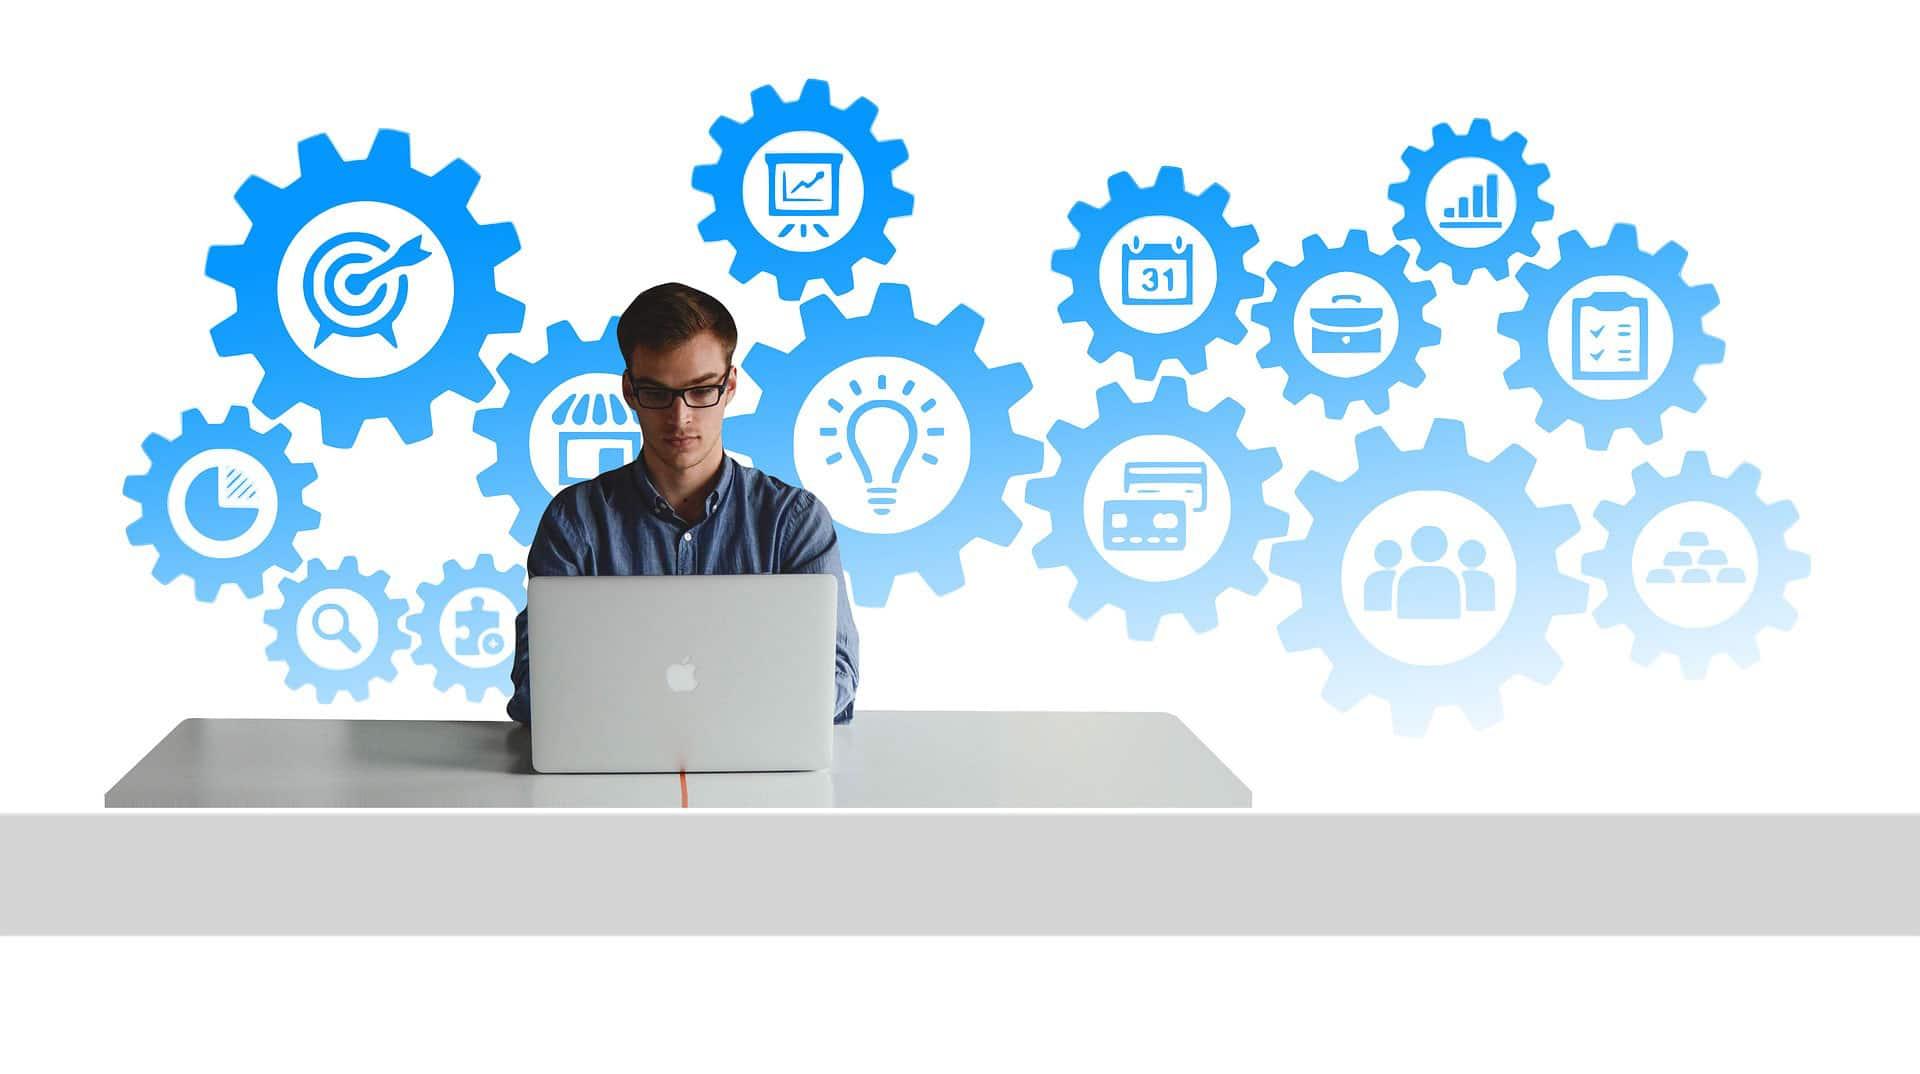 grafische und technische ExpertiseExpertise